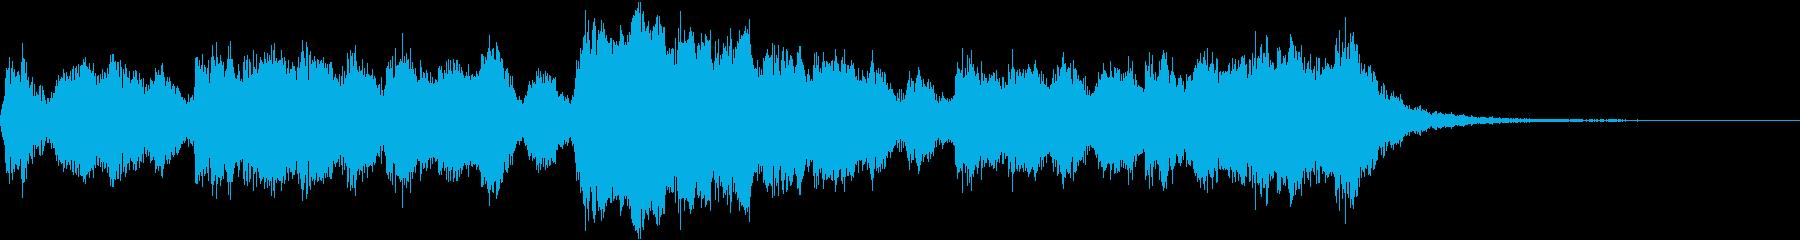 オーケストラによる元気なジングルの再生済みの波形